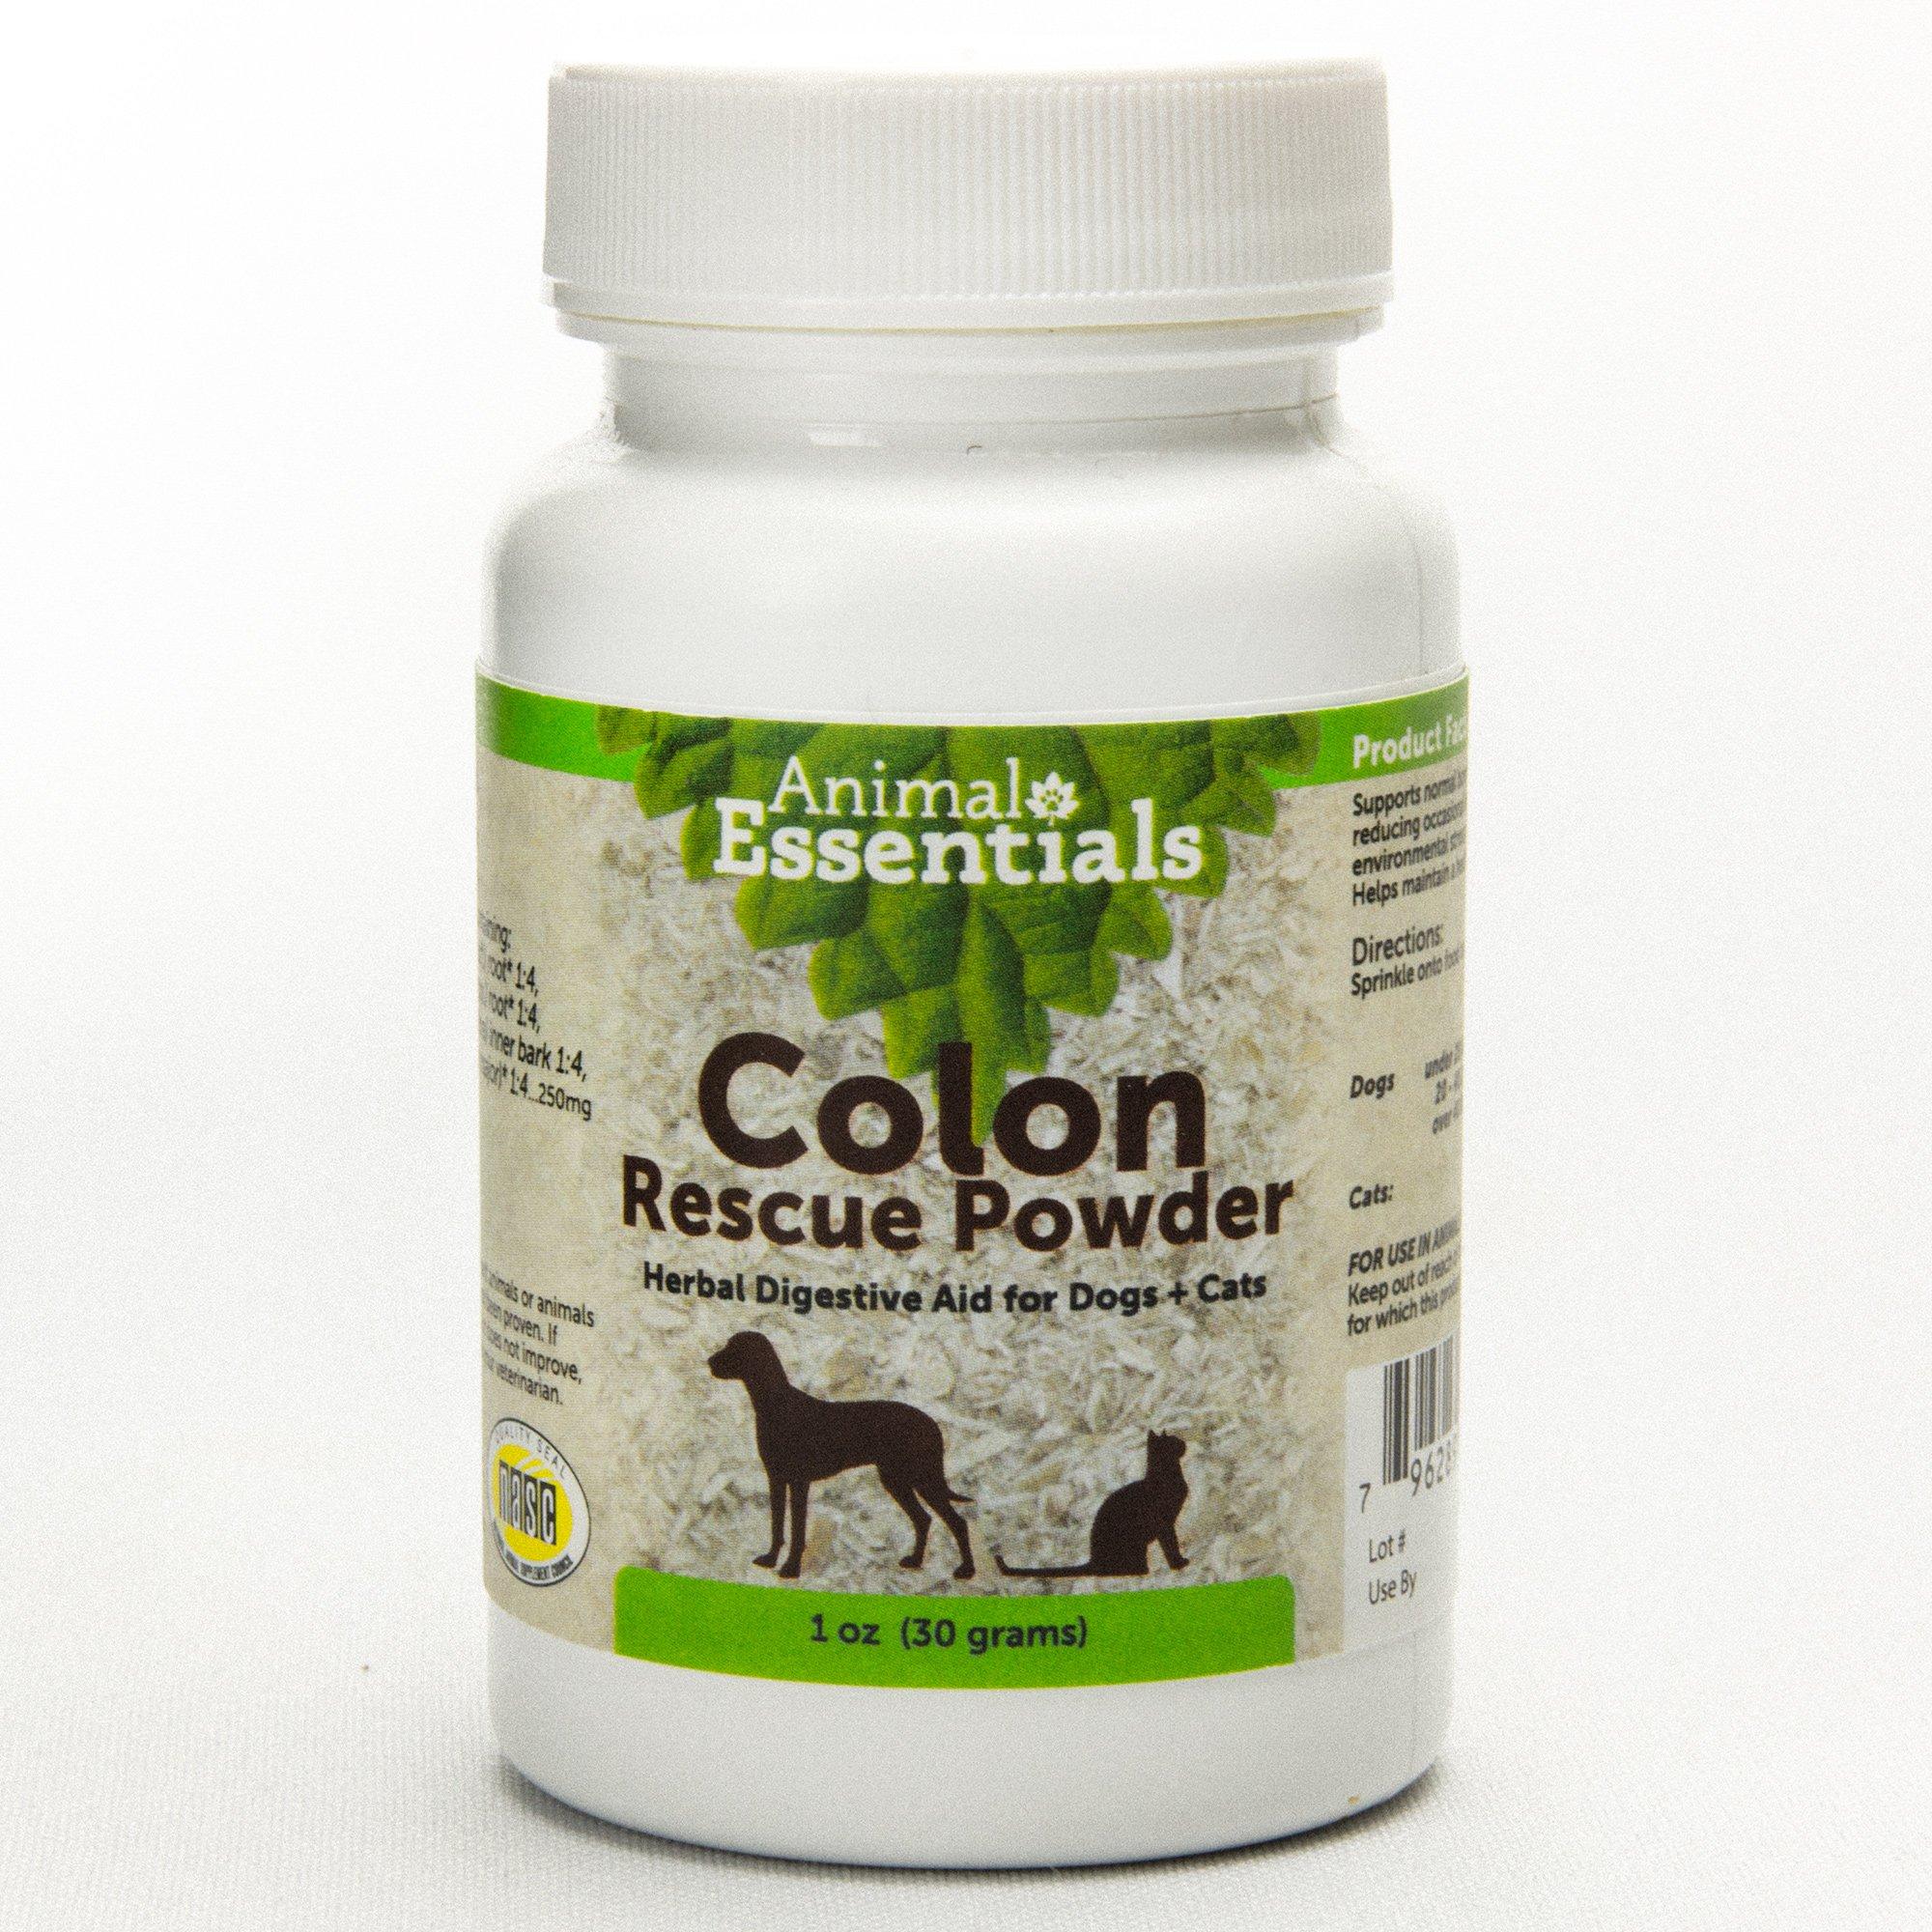 Animal Essentials Colon Rescue Powder Herbal Supplement, 30g